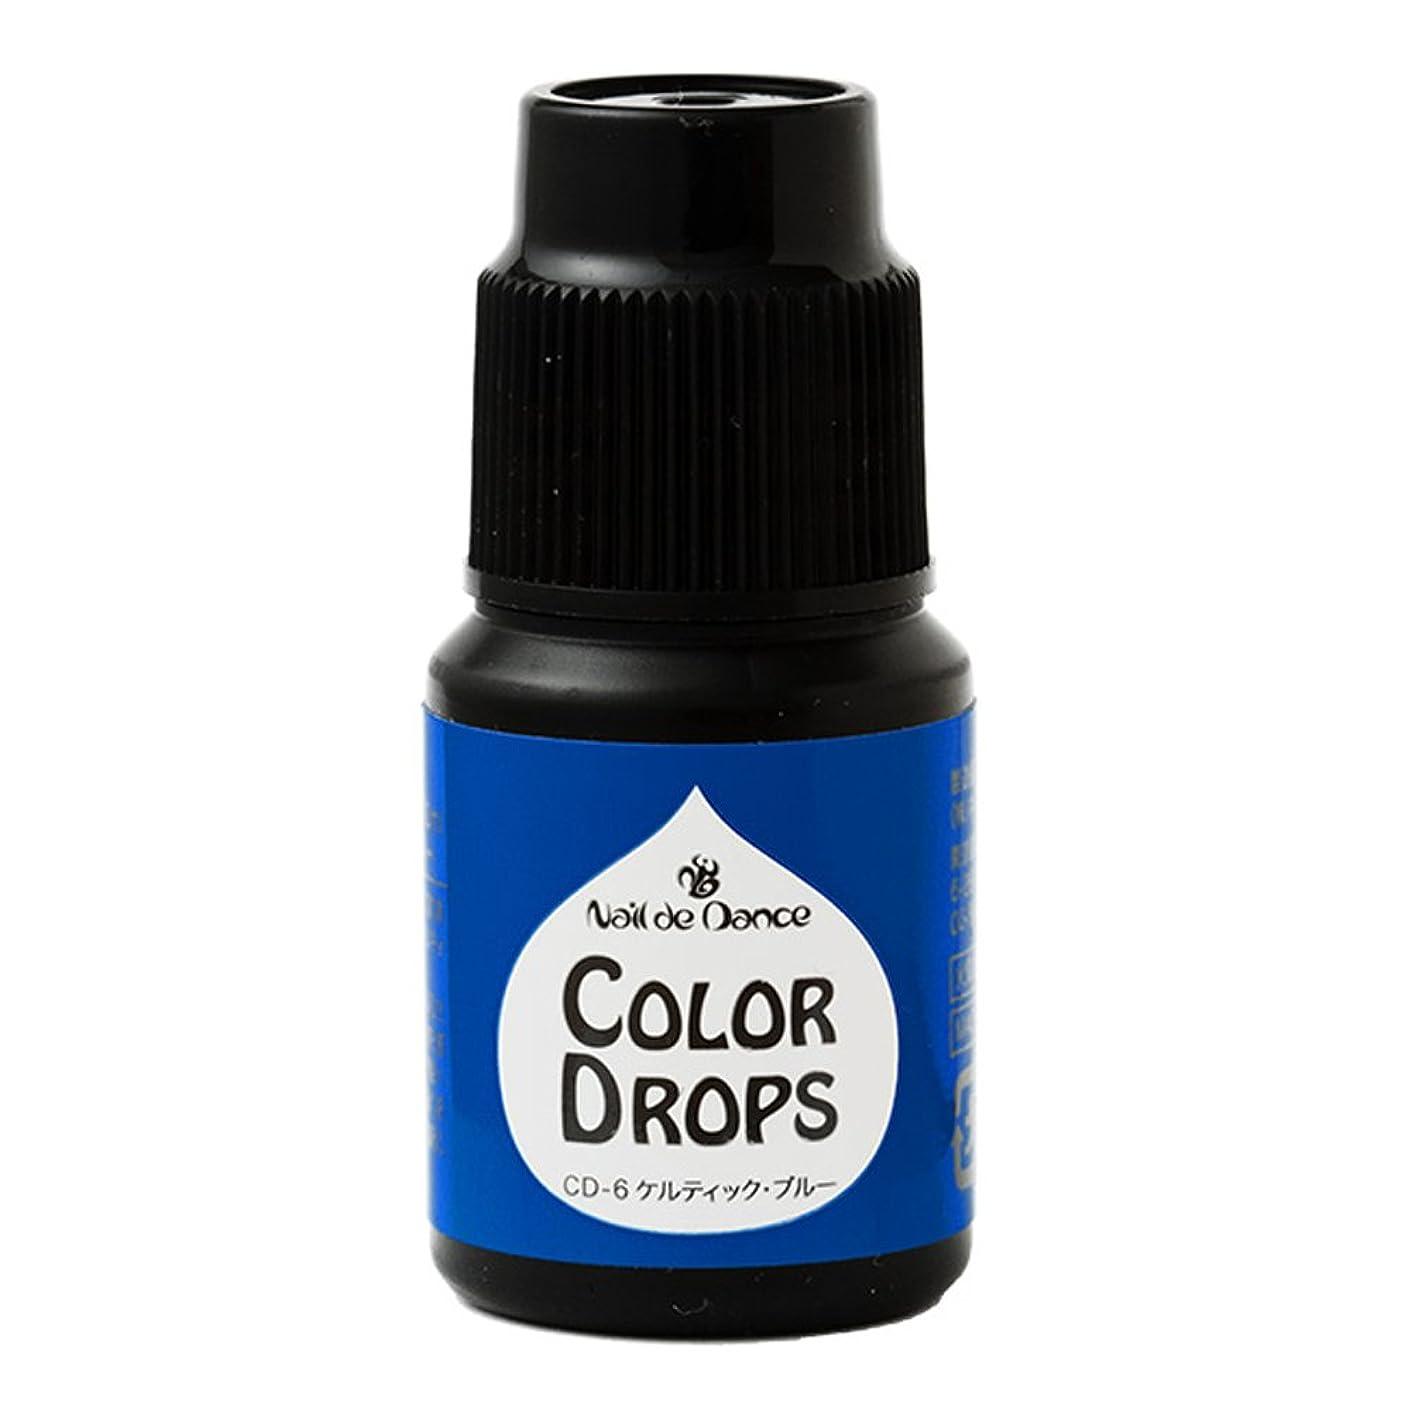 副動詞渇きカラードロップス濃縮タイプ ブルー